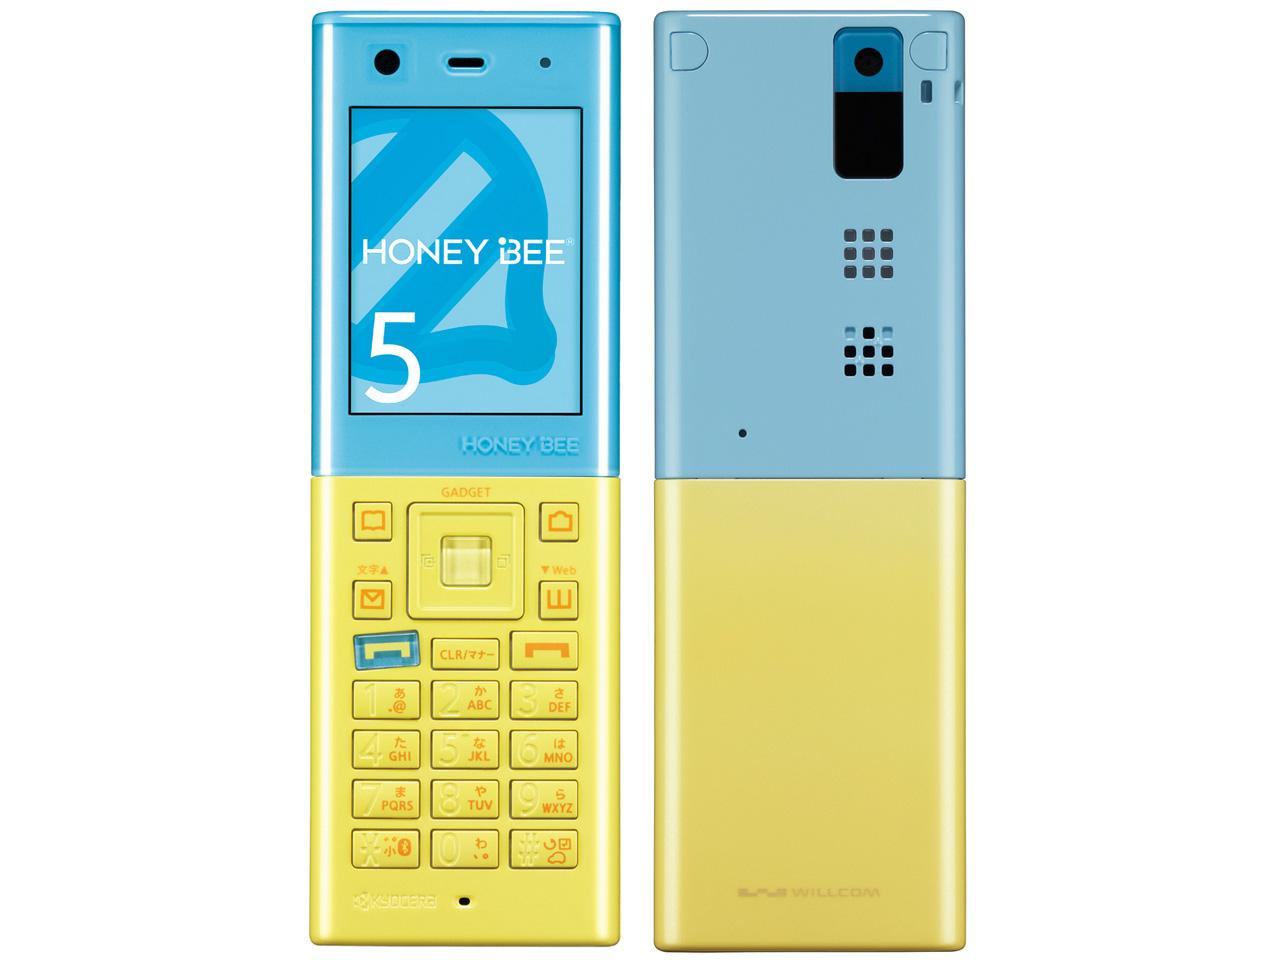 HONEY BEE 5 WX07K の製品画像